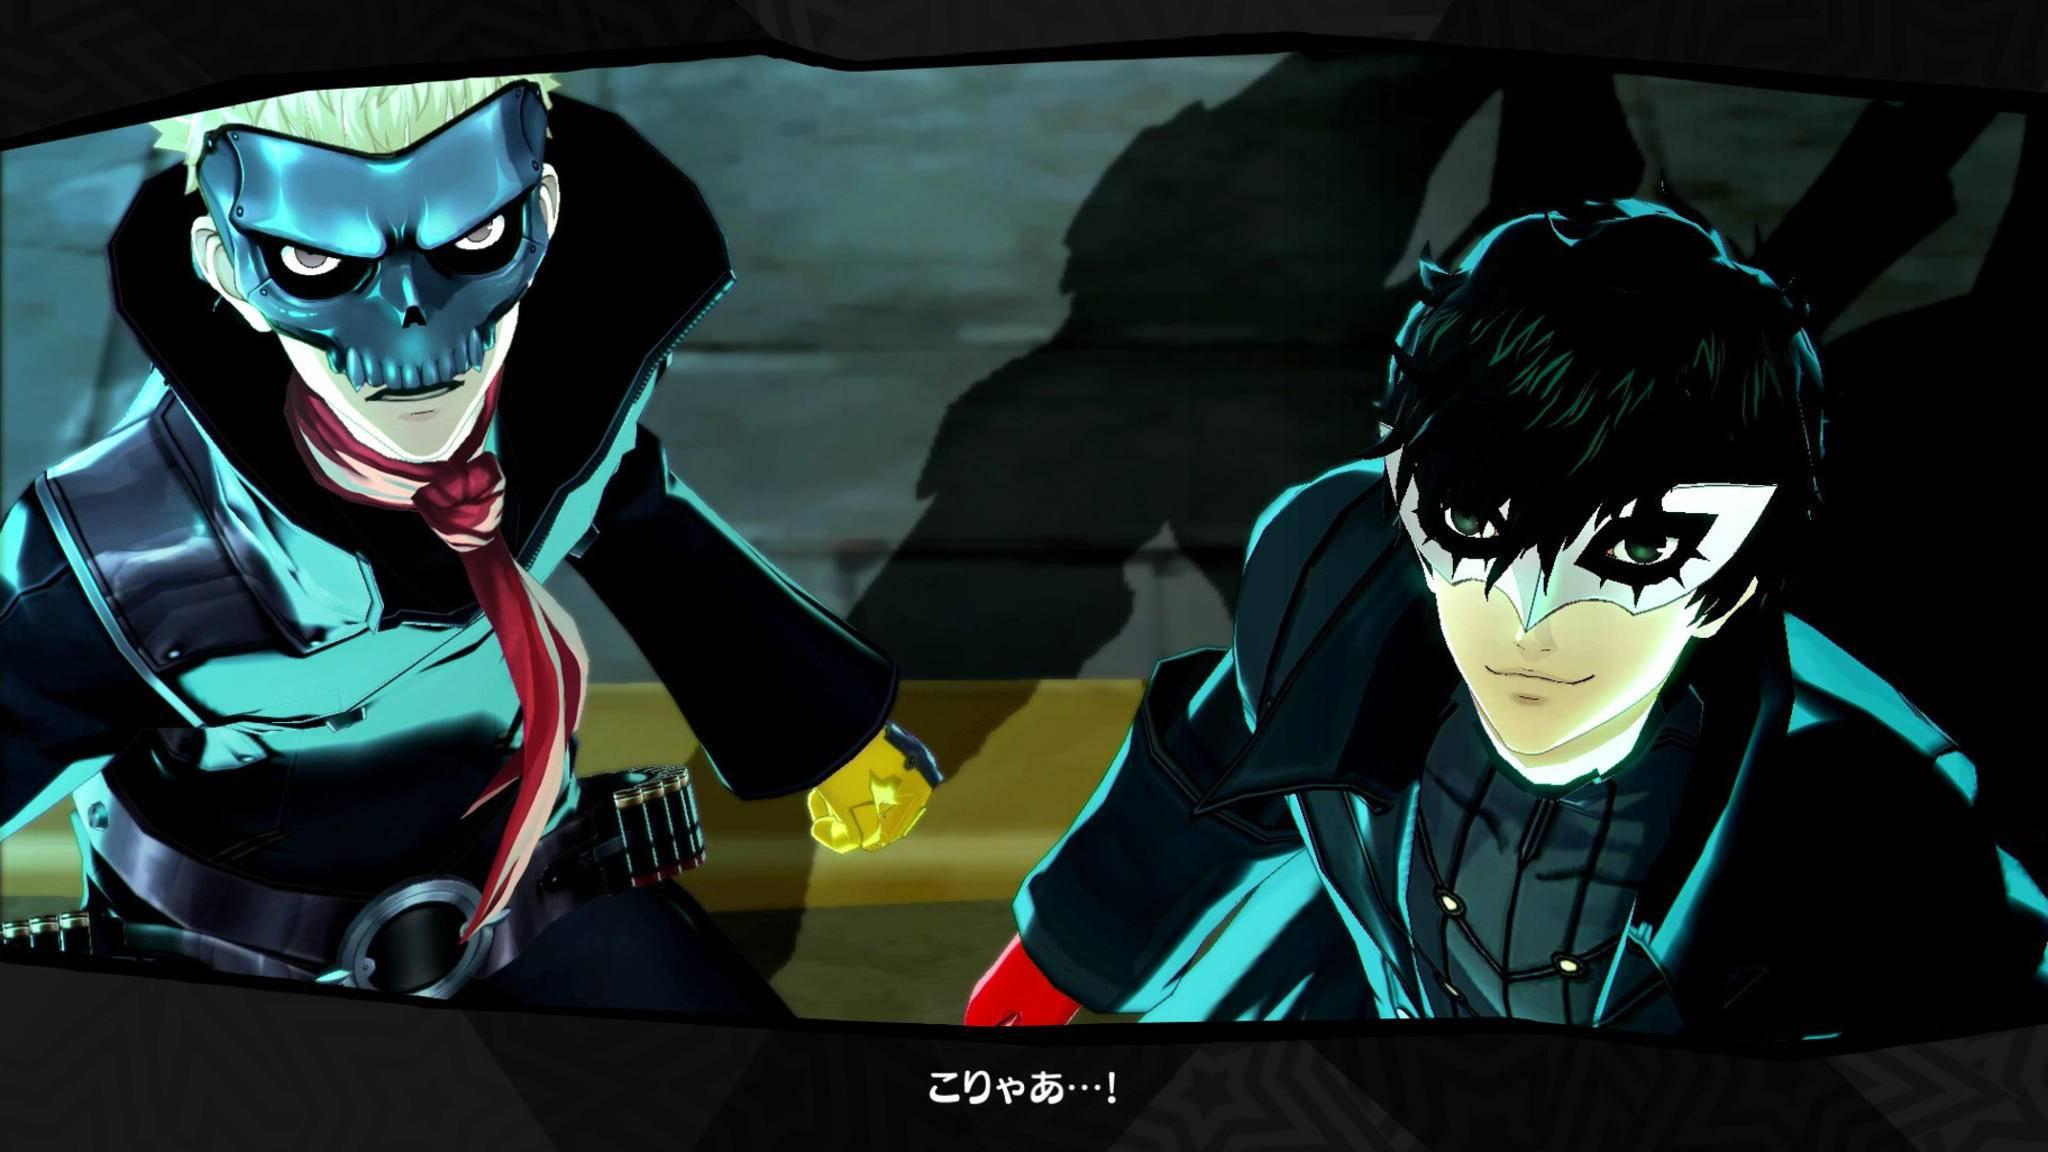 """Streams zeigen Teile von """"Persona 5"""" im Internet. Entwickler Atlus passt das gar nicht."""